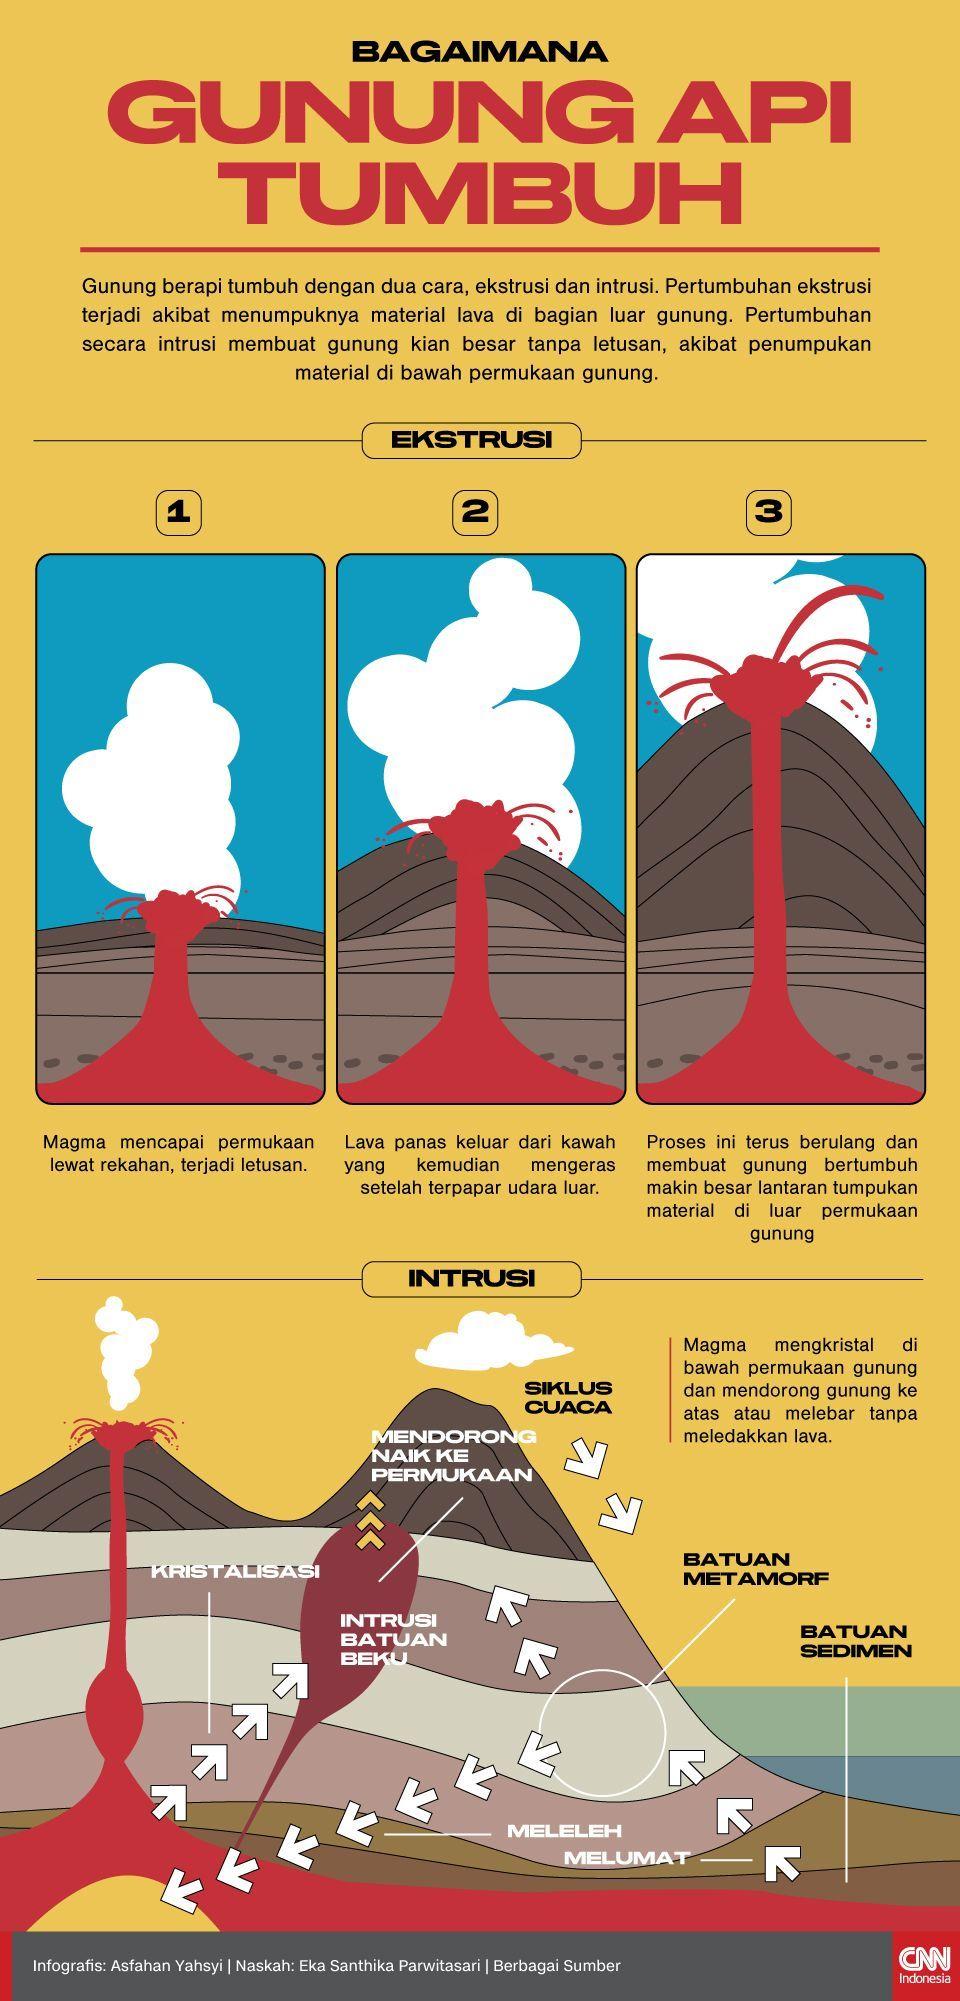 Infografis bagaimana Gunung Api Tumbuh